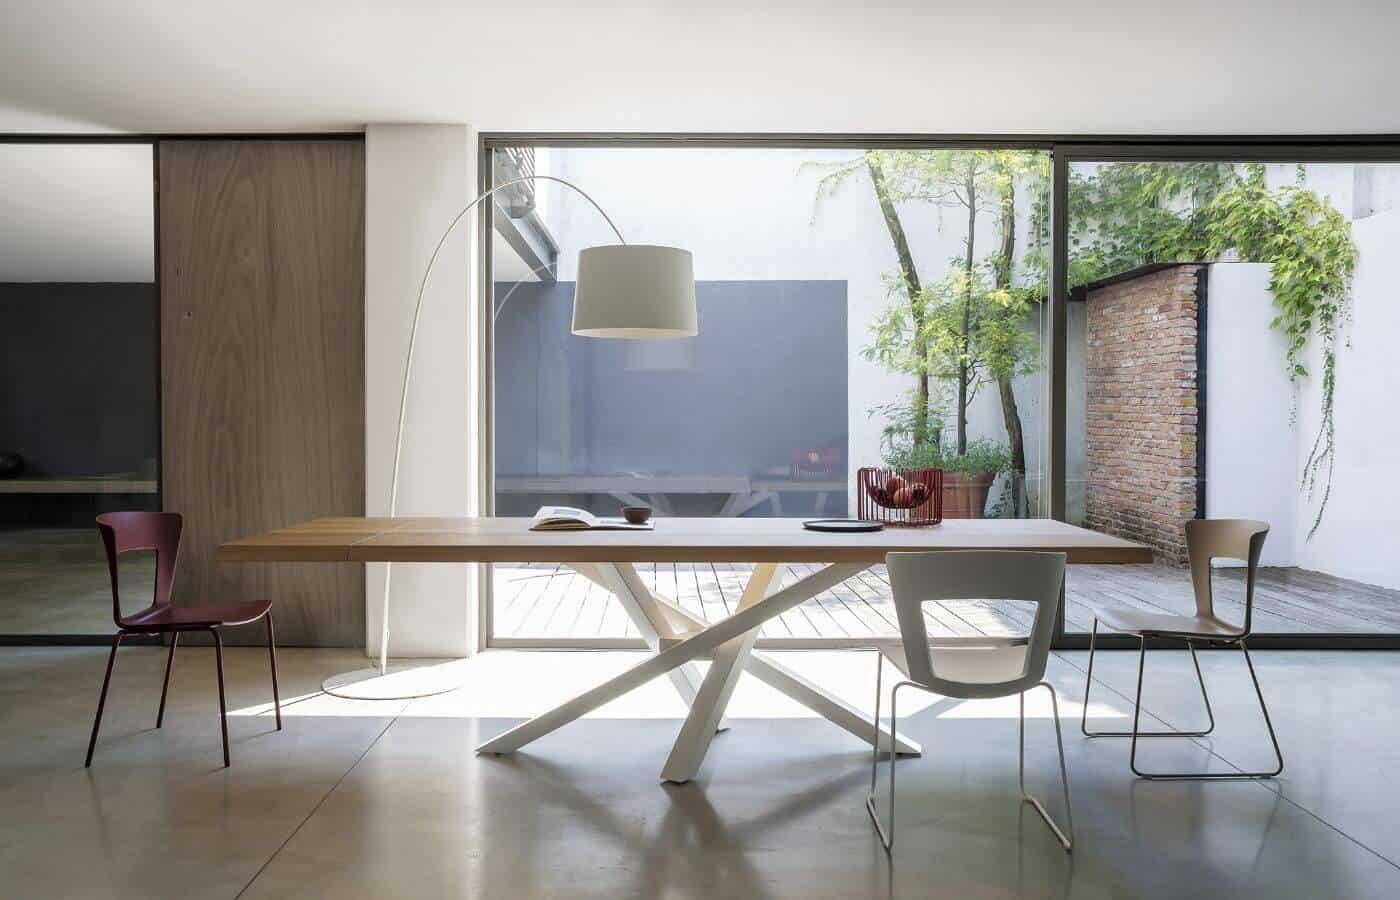 tavoli-collezione-riflessi- shangai-legno-allungabile-il-mobile